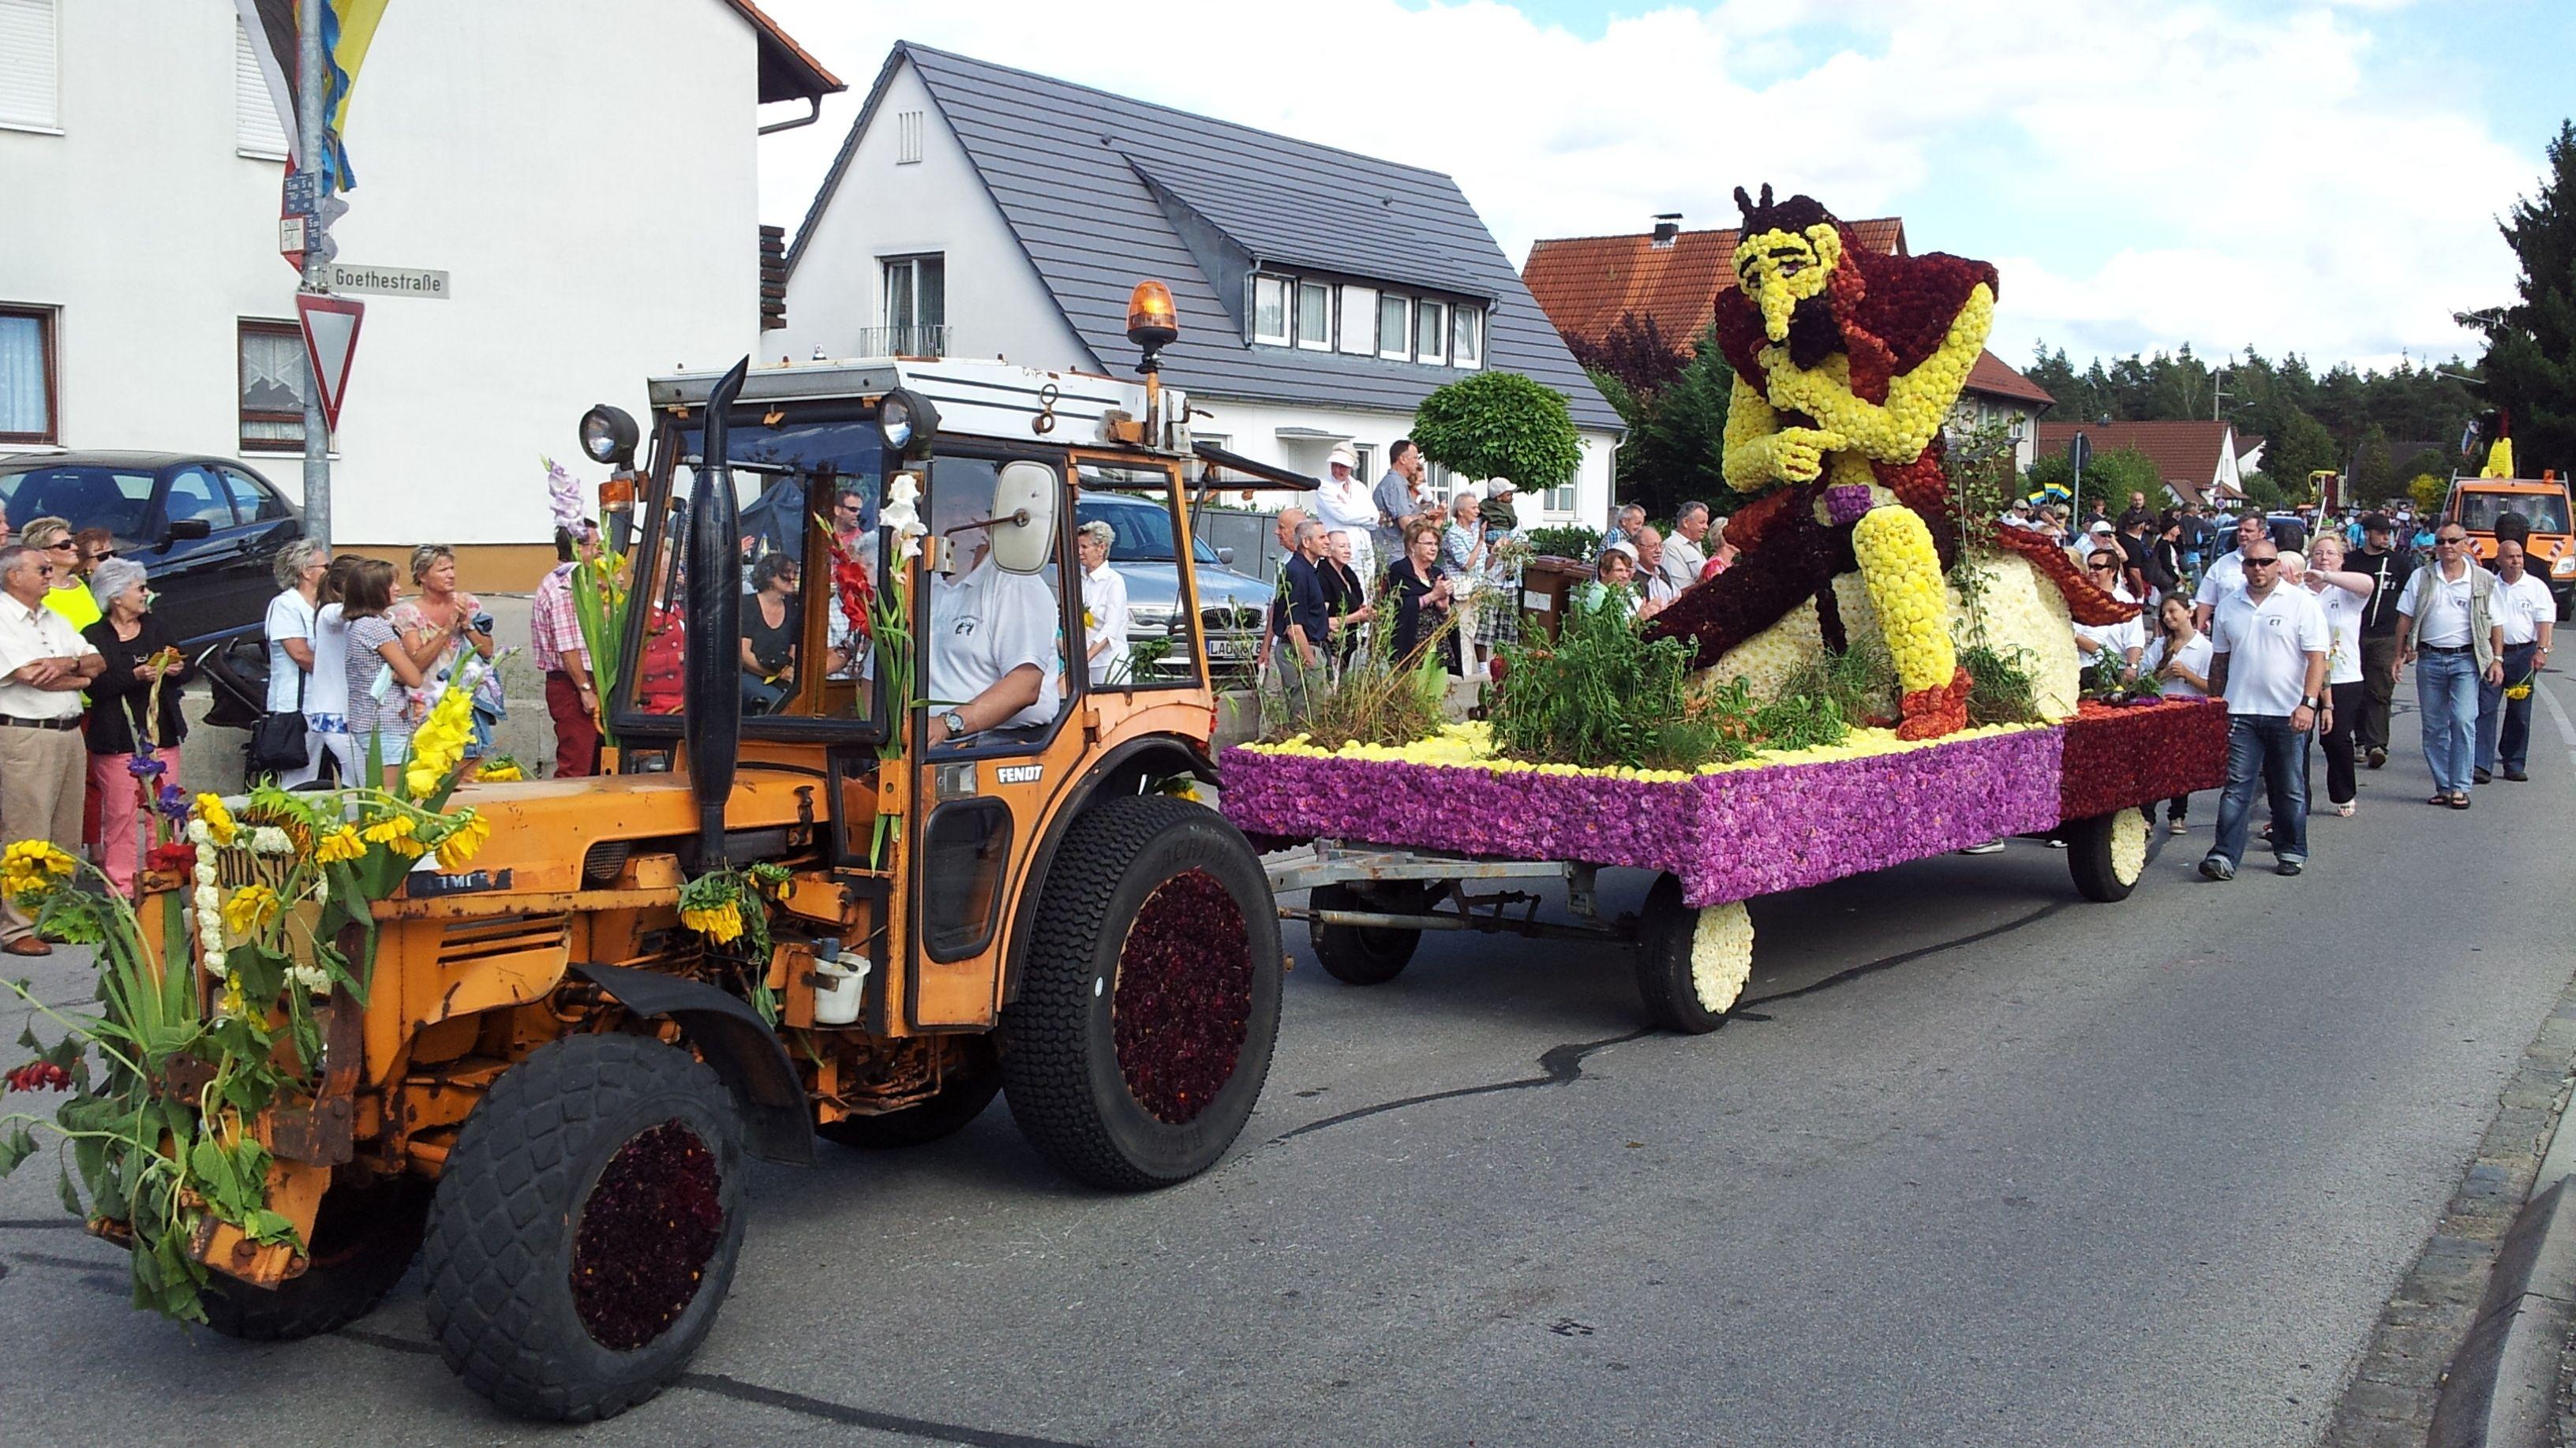 Ein Traktor zieht einen Festwagen, der mit Dahlienblüten geschmückt ist.